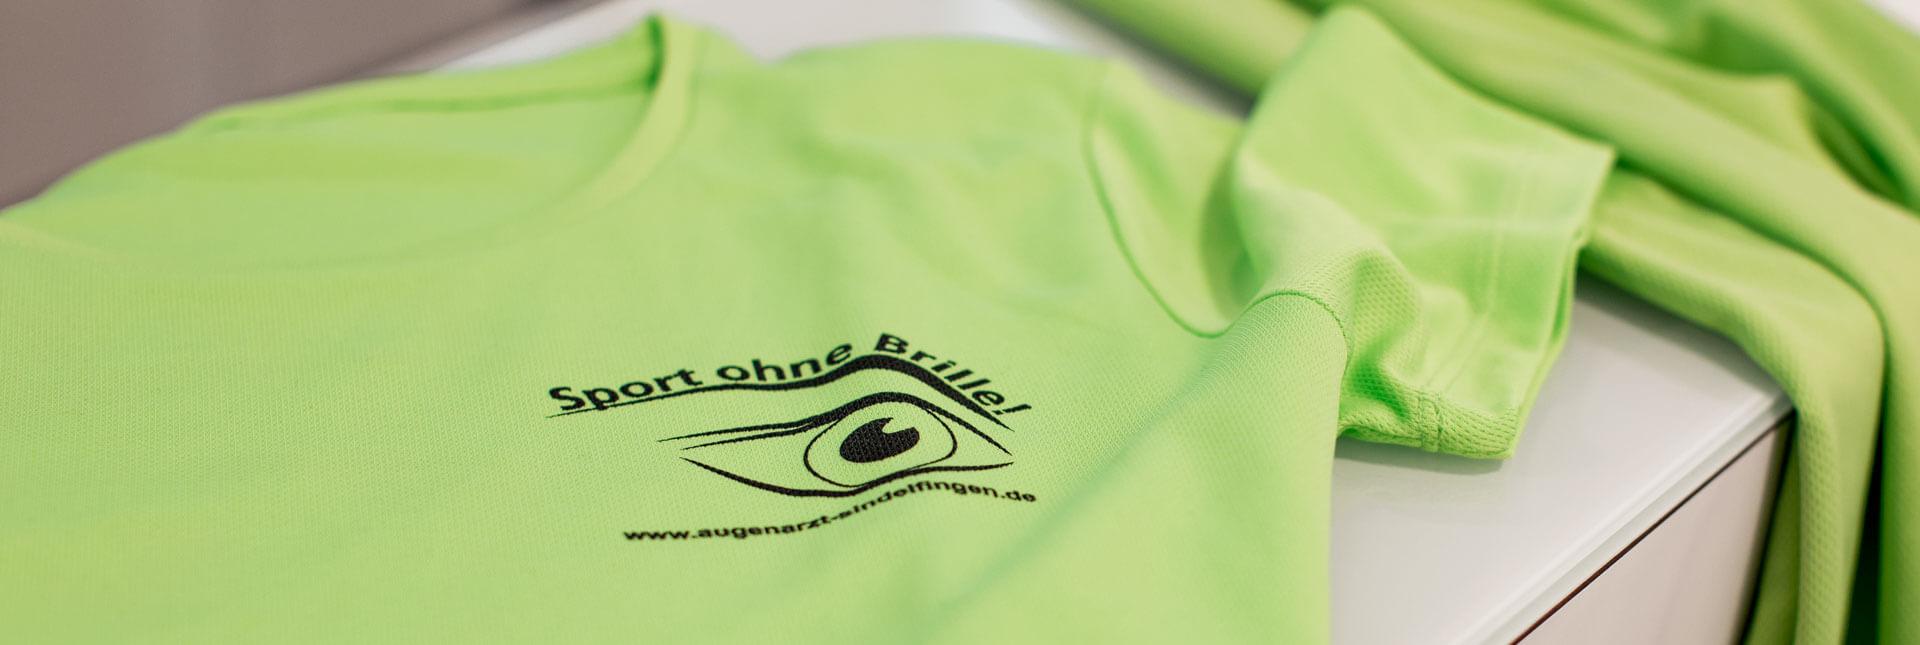 Augenärzte Sindelfingen – Augenlasern